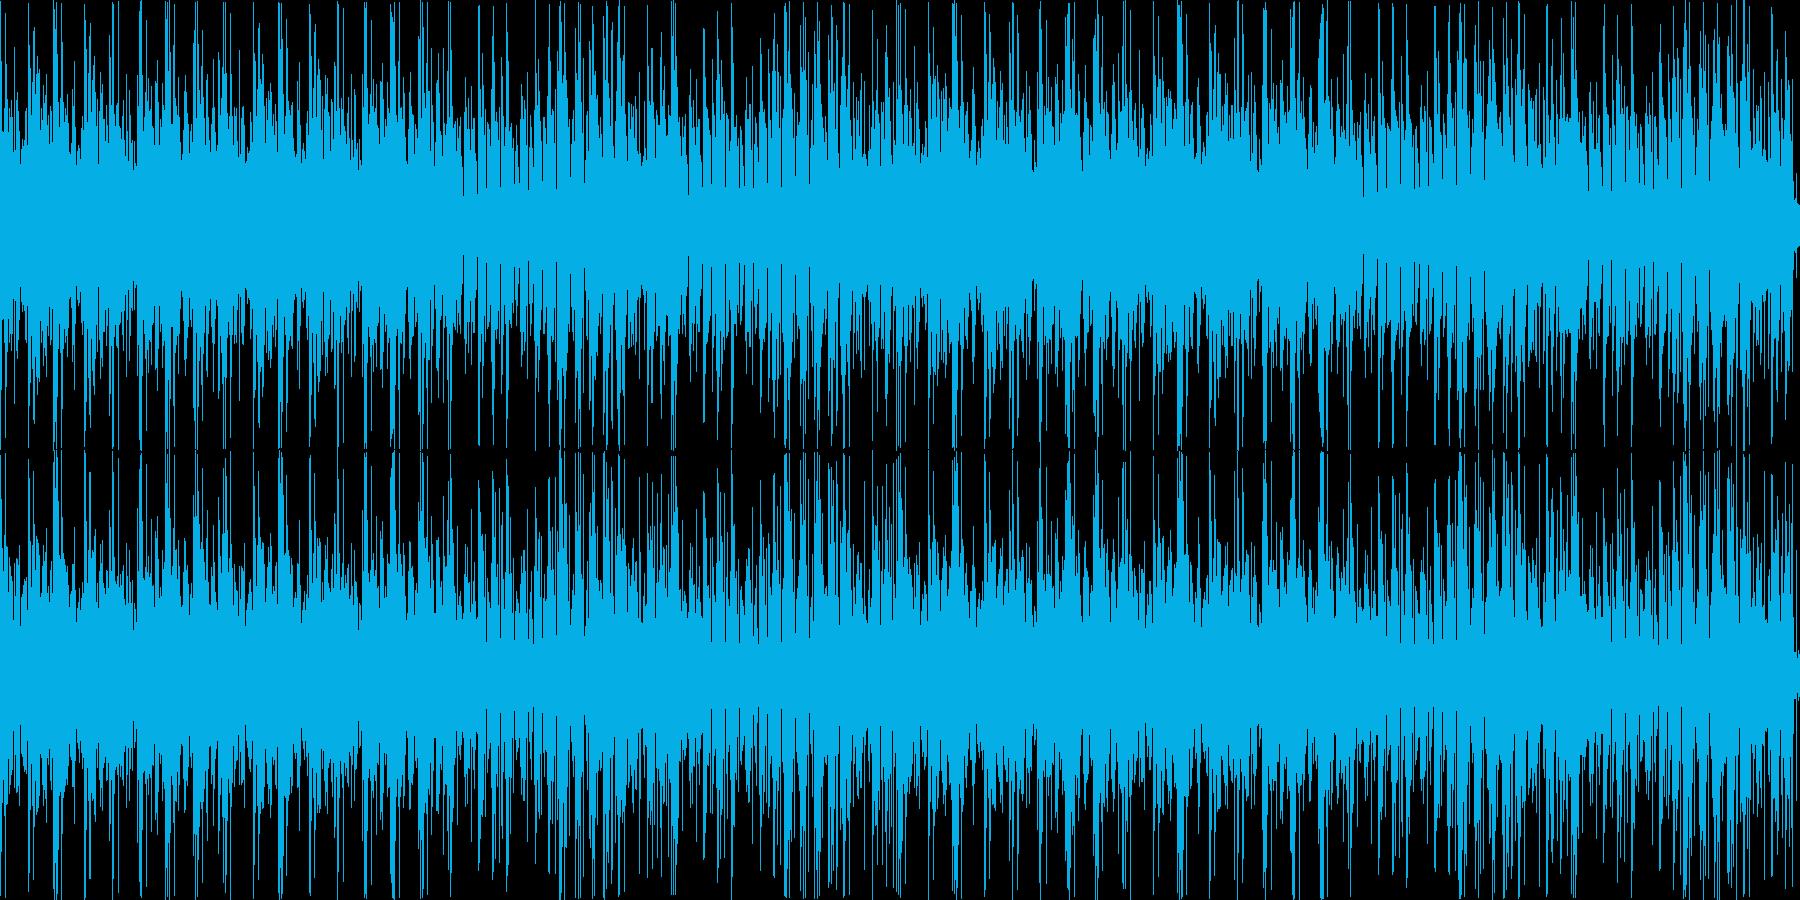 まったりとしたエレクトロ風味のボサノバの再生済みの波形